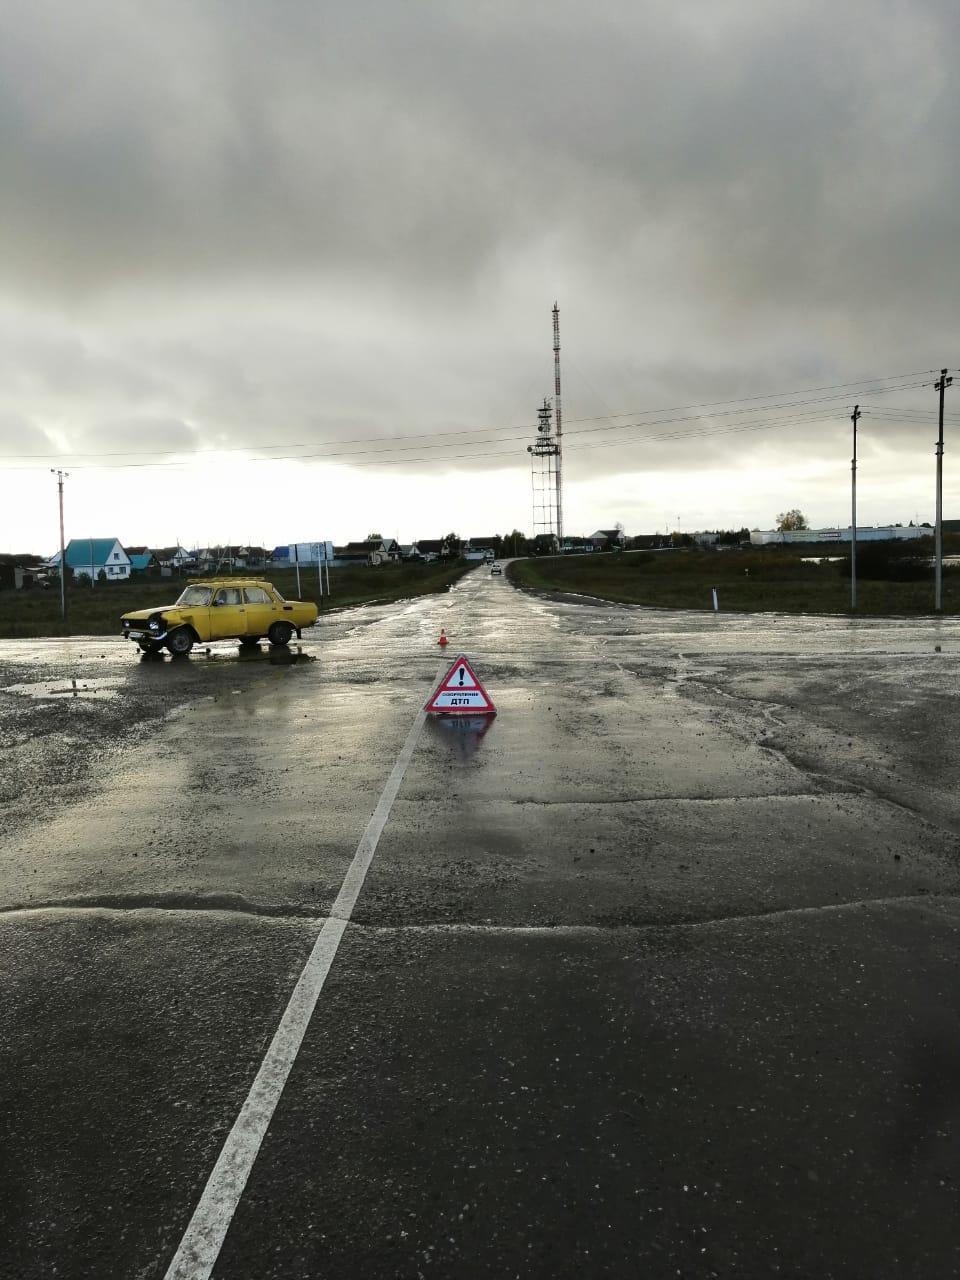 3 ДТП произошло в Куйбышевском районе с 22 по 28 сентября,